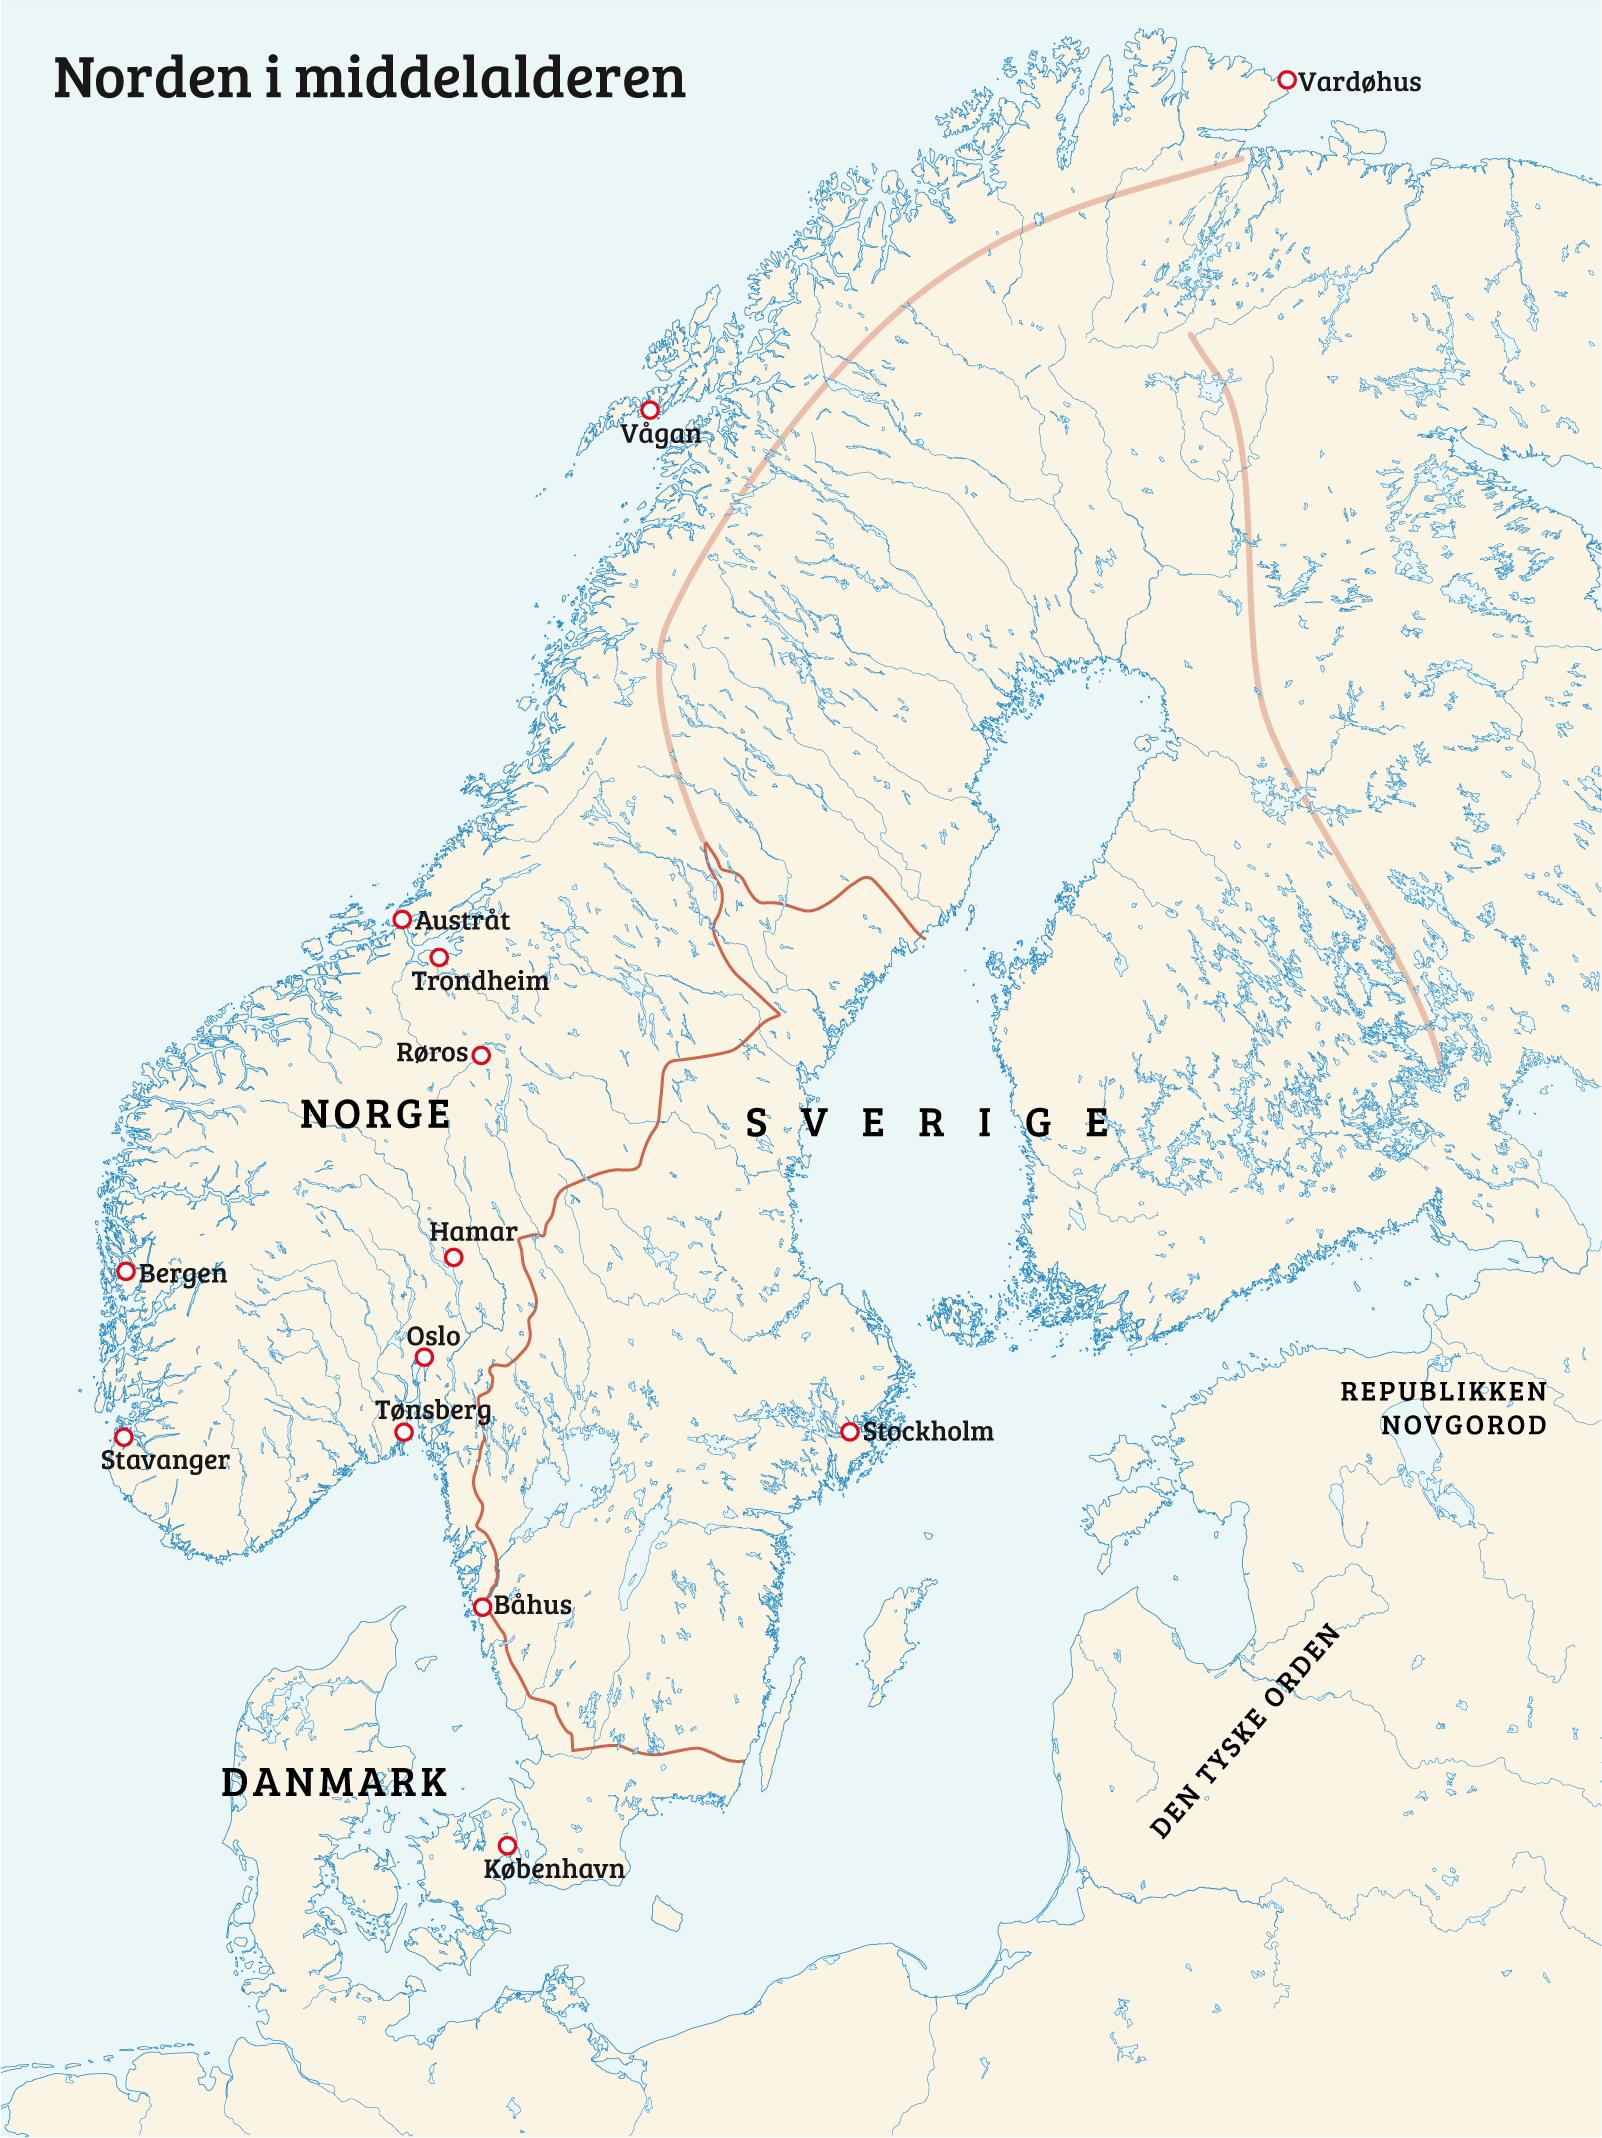 svenske vestkysten kart Kalmarunionen   Norgeshistorie svenske vestkysten kart